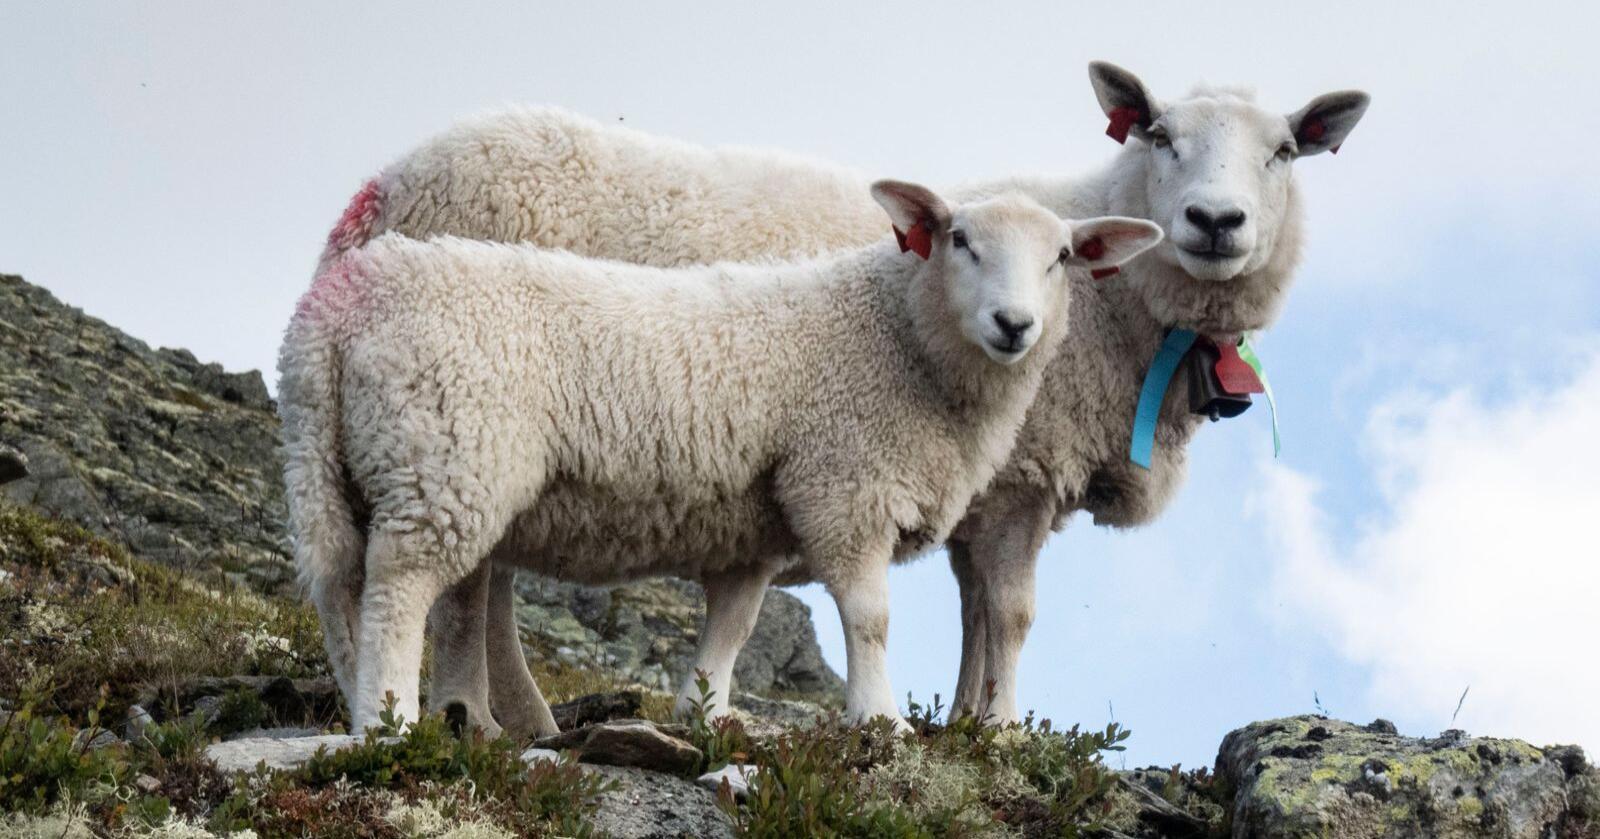 Søye og lam på fjellbeite i Gudbrandsdalen. Foto: Paul Kleiven / NTB